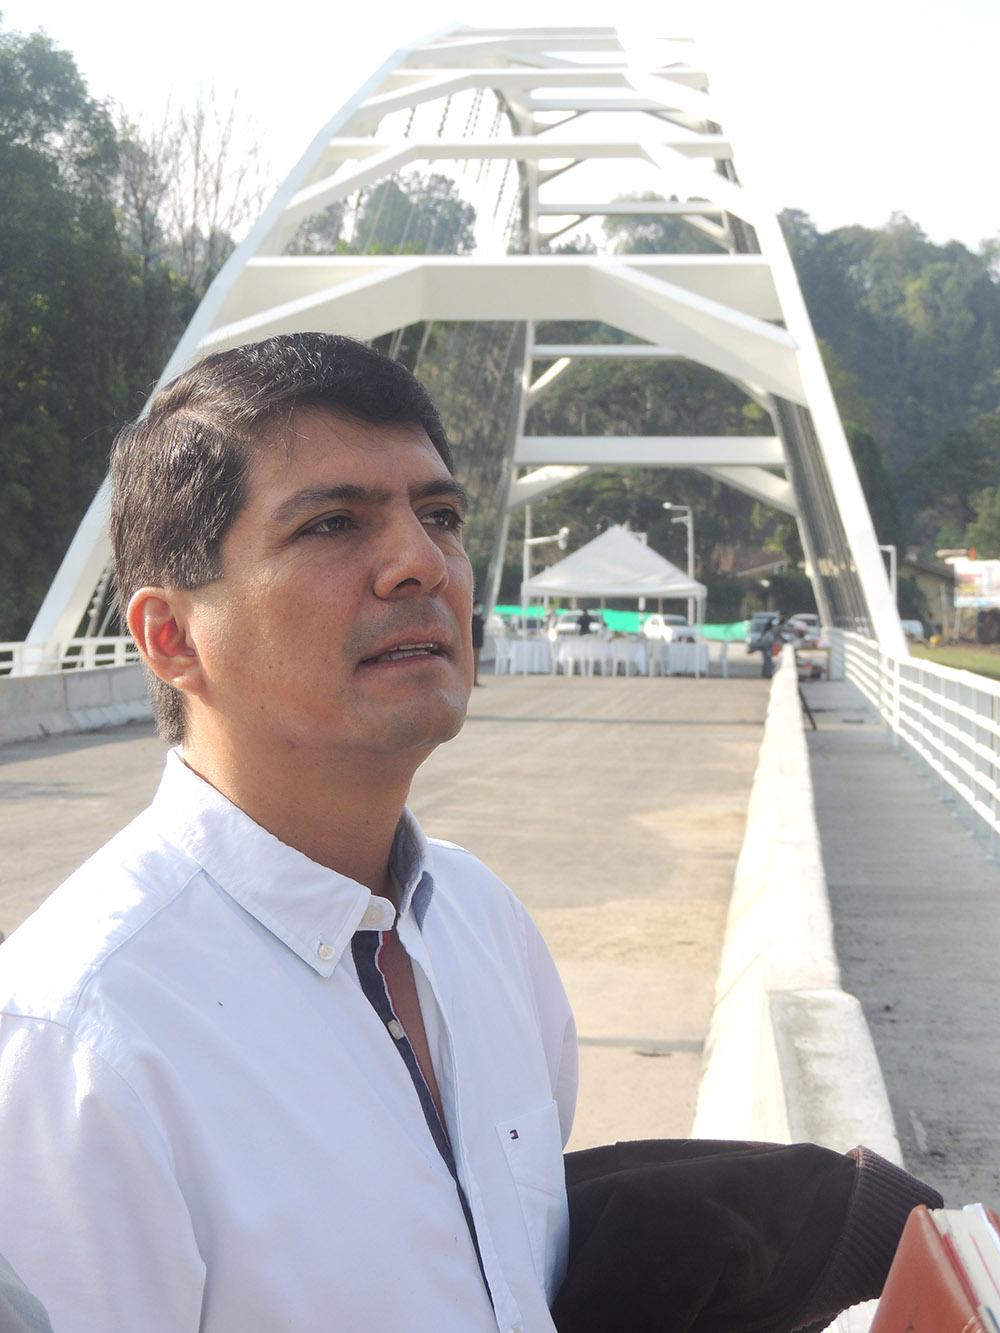 Ante el recién inicio en la ruta de la Sostenibilidad y Competitividad del municipio de Popayán, la primera fase del proceso apenas está en marcha. Sin embargo, el Alcalde César Cristian Gómez Castro manifestó que tienen varias propuestas adelantadas.